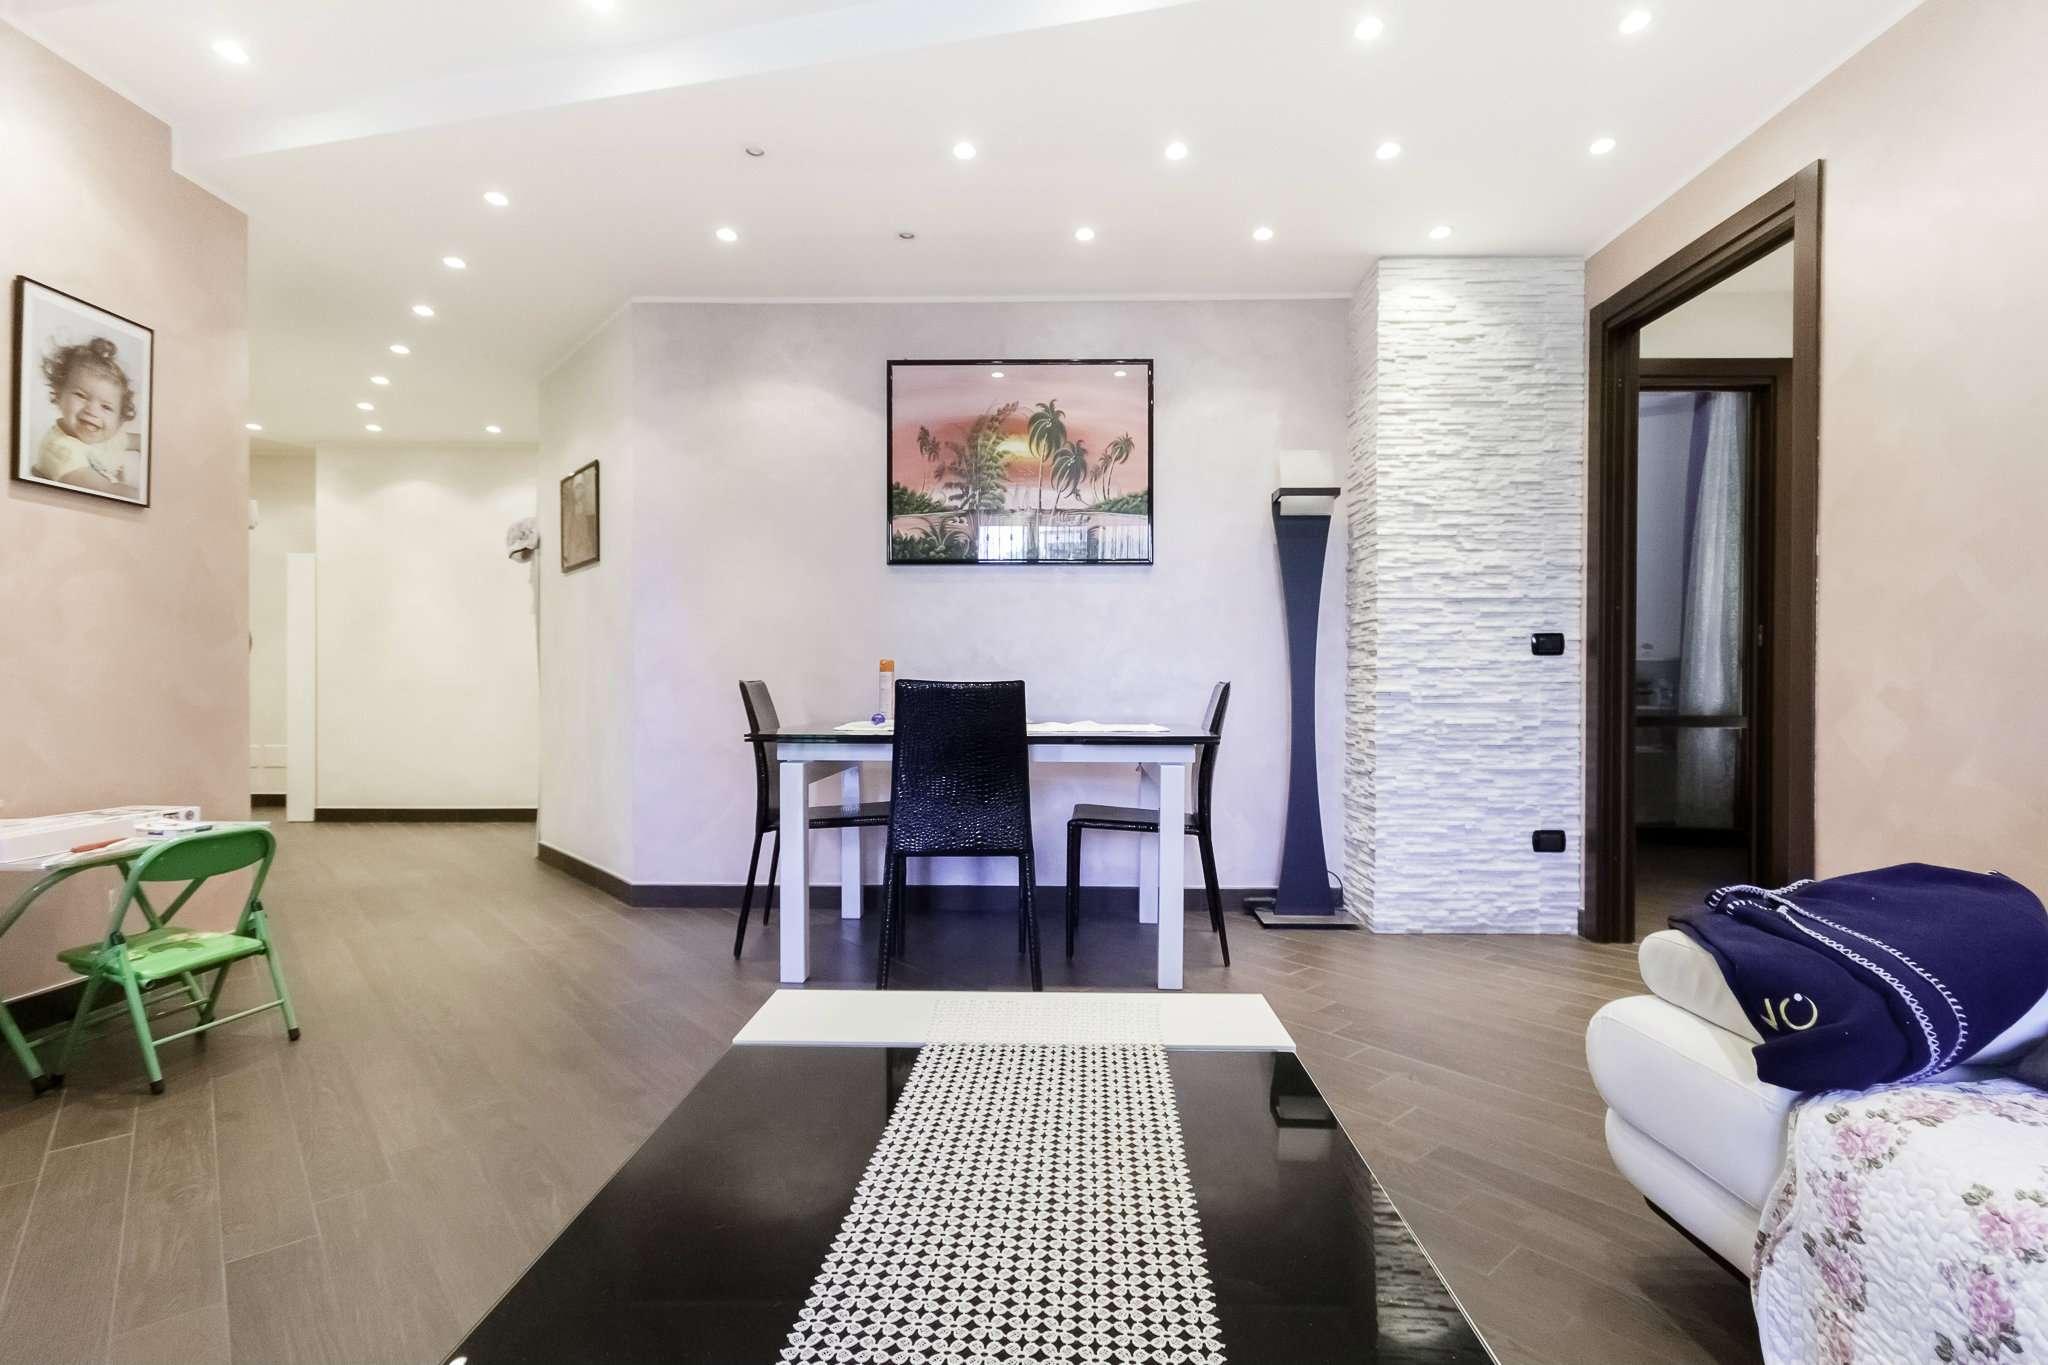 Appartamento in vendita a Caponago, 3 locali, prezzo € 300.000 | CambioCasa.it